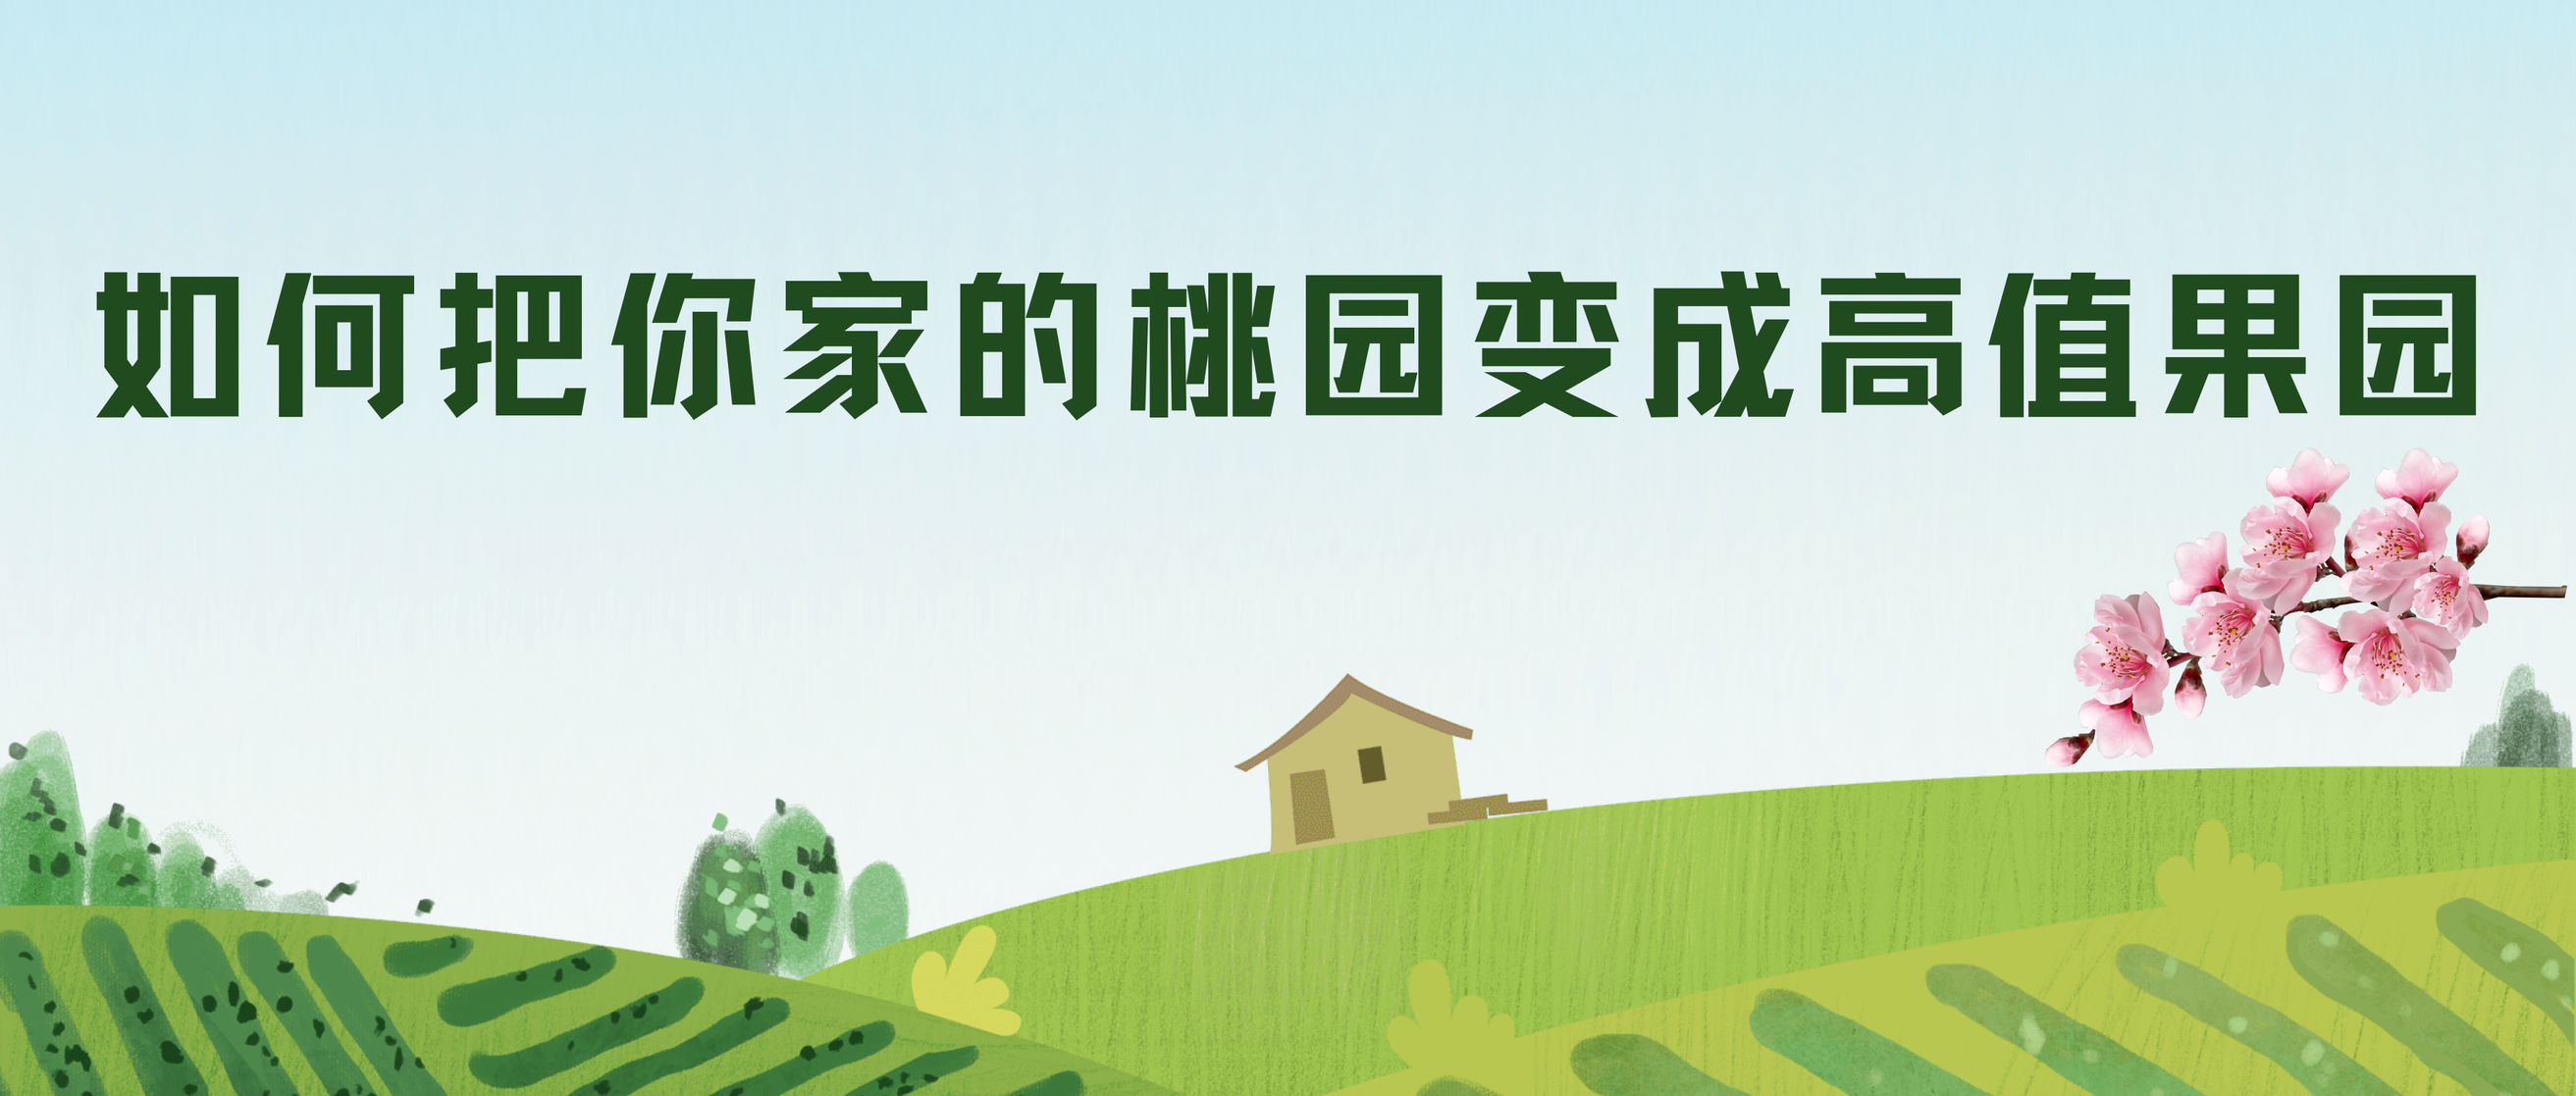 如何把你家的桃园变成高值果园 ——2021年种什么?怎么种?怎么卖?